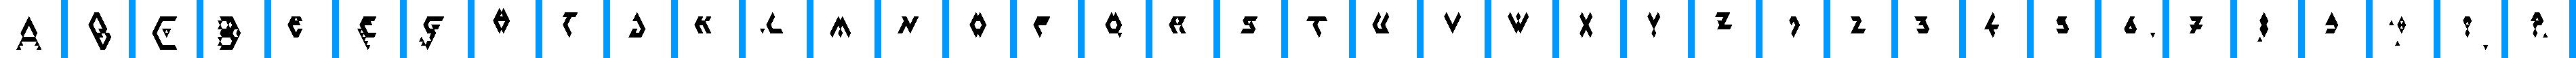 Particip-a-type v.135